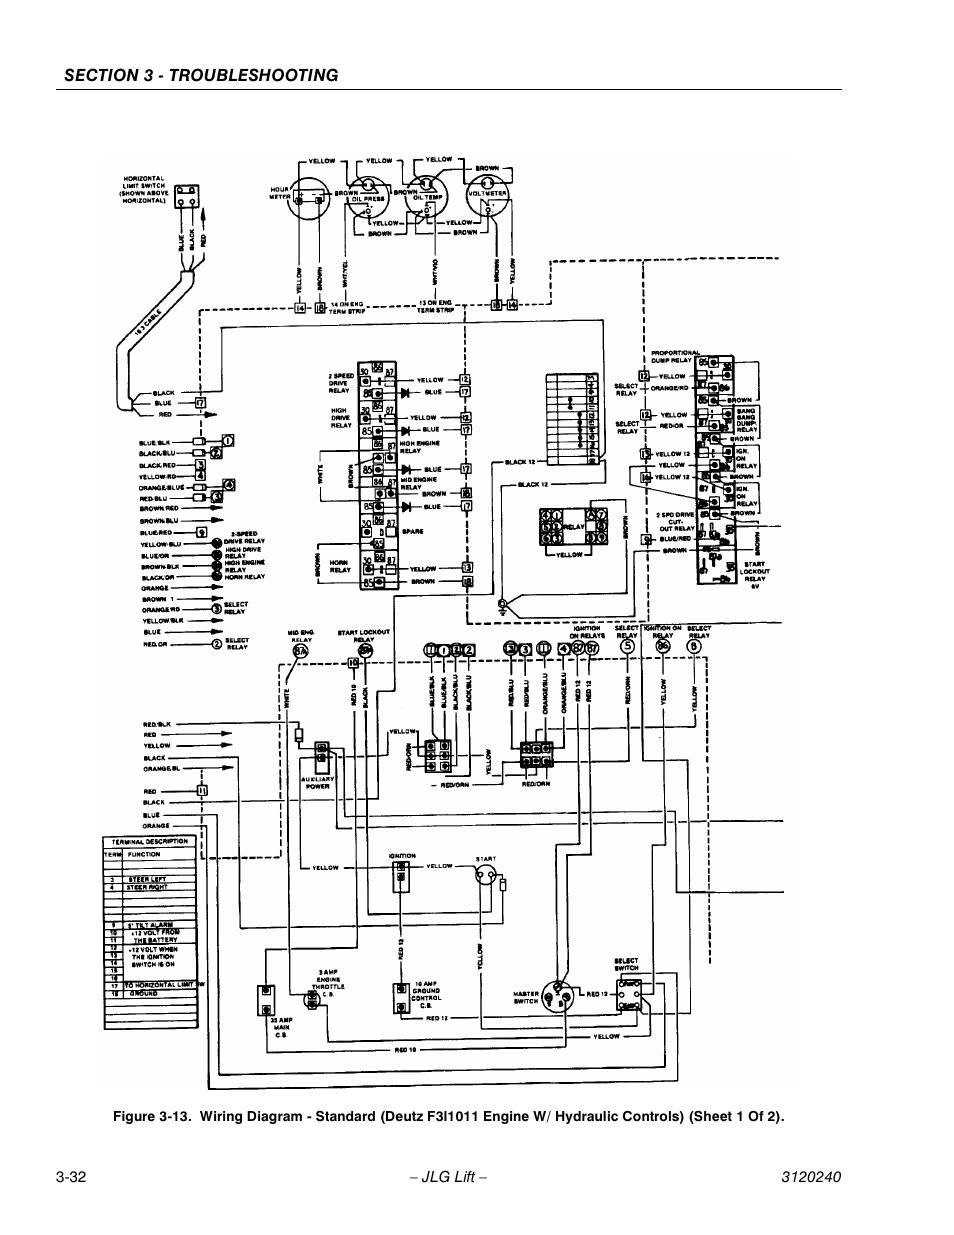 jlg 20am wiring diagram